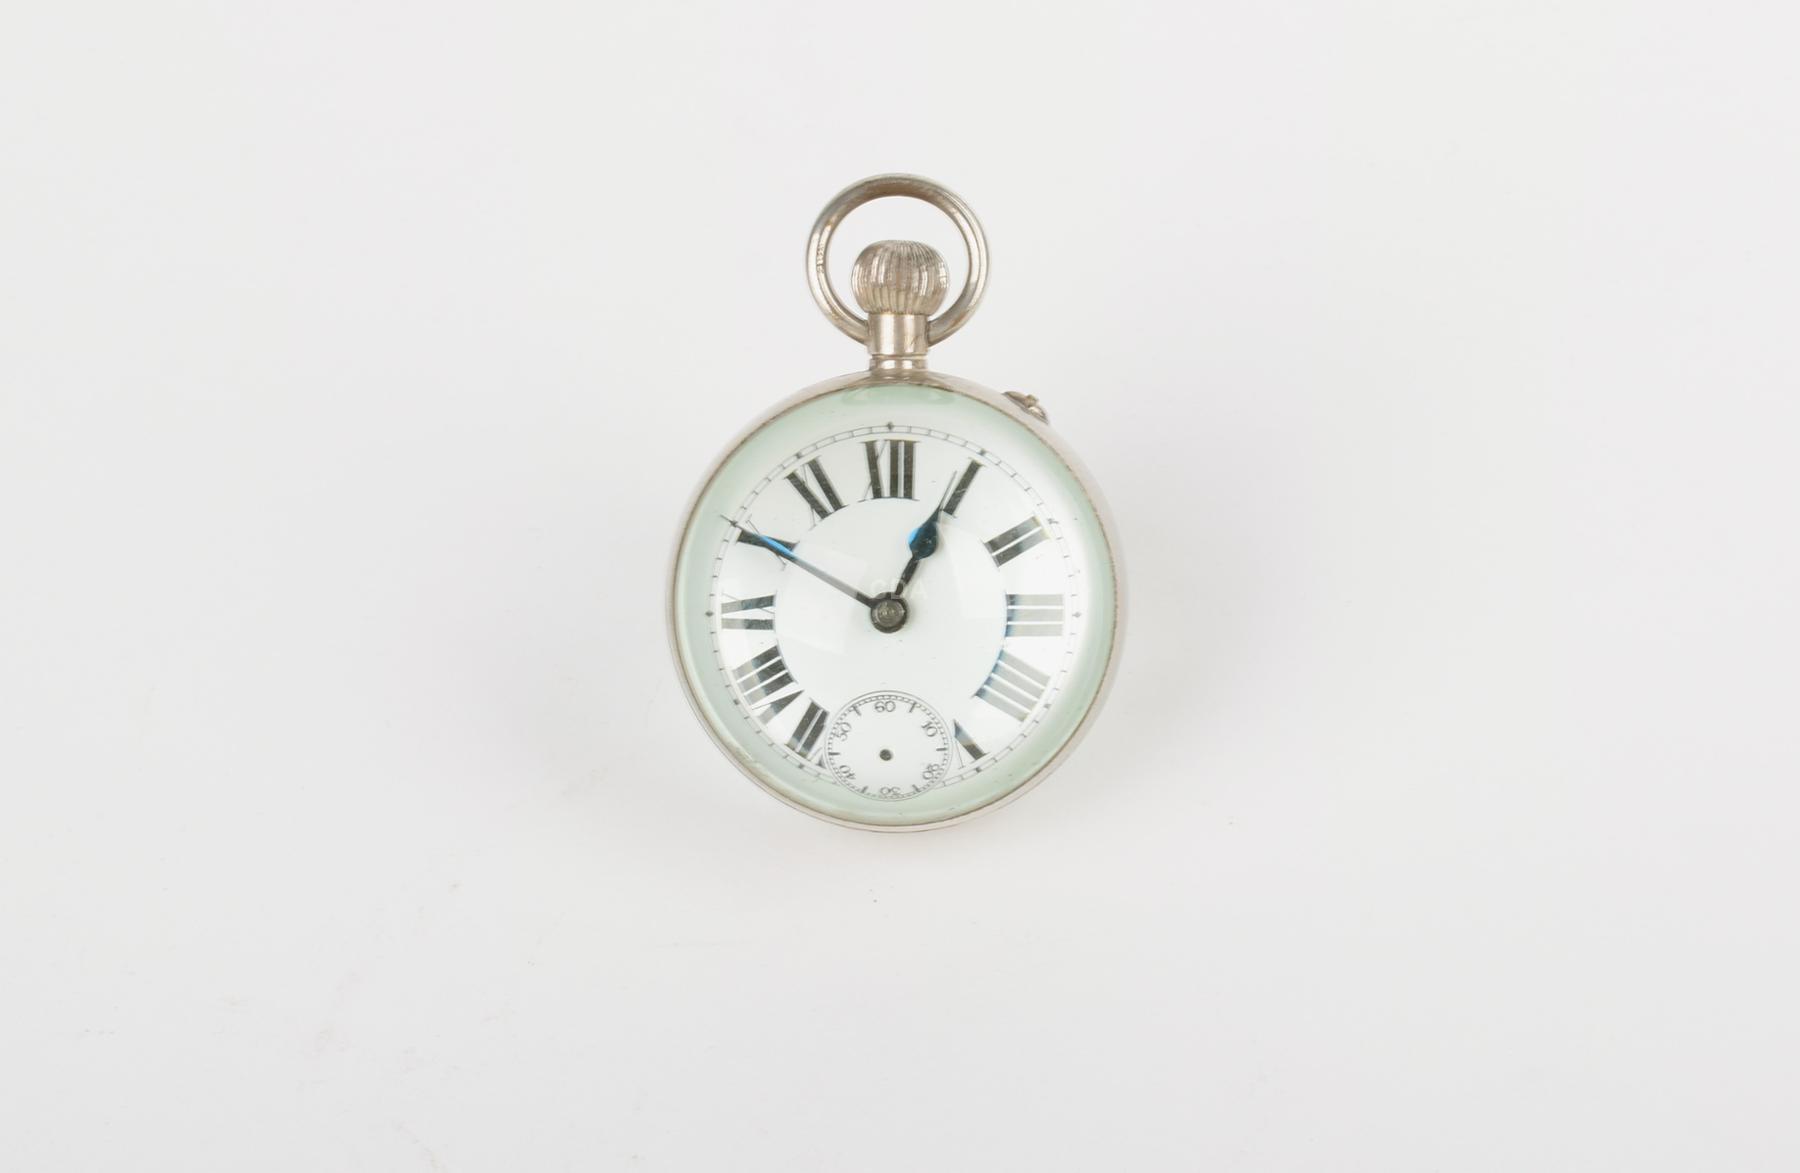 Relógio de mesa simulando de bolso